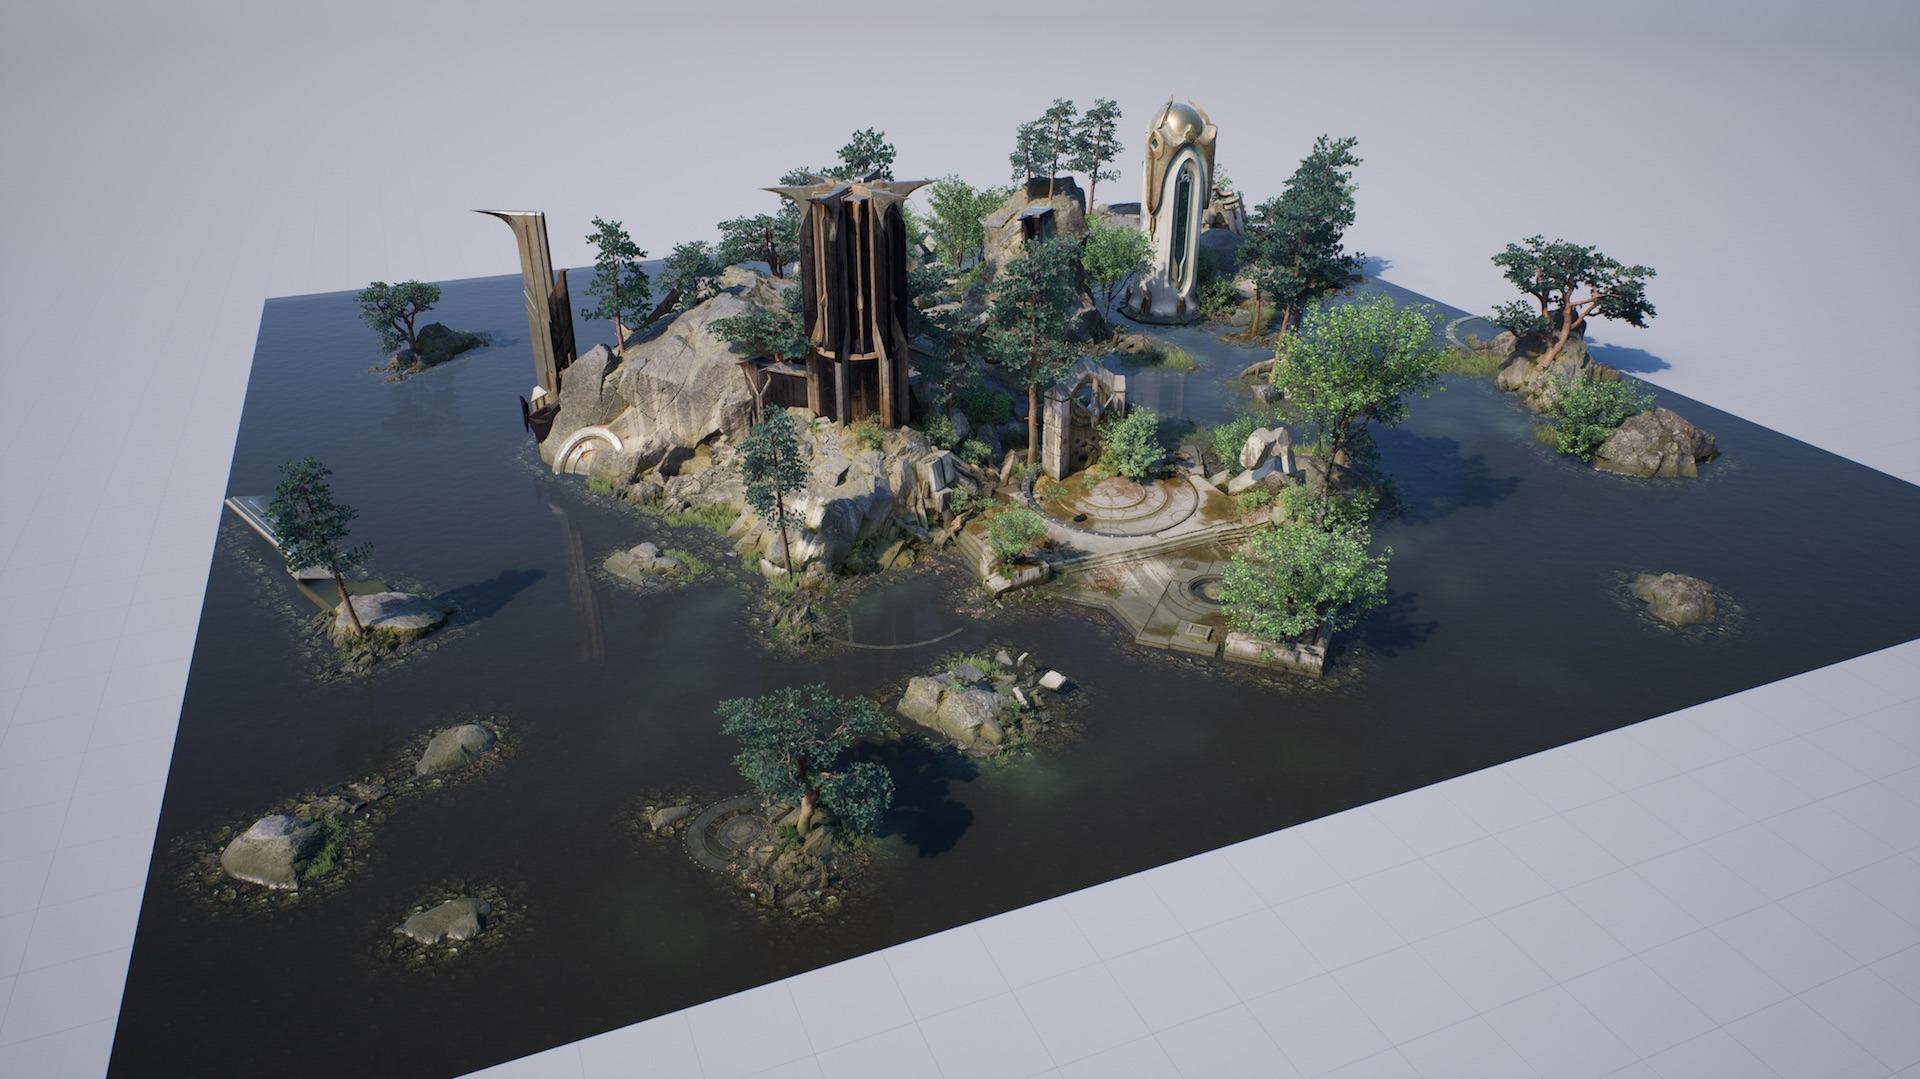 Darmowe assety od Epic z gry paragon (Unreal Enigne 4 / UE4)